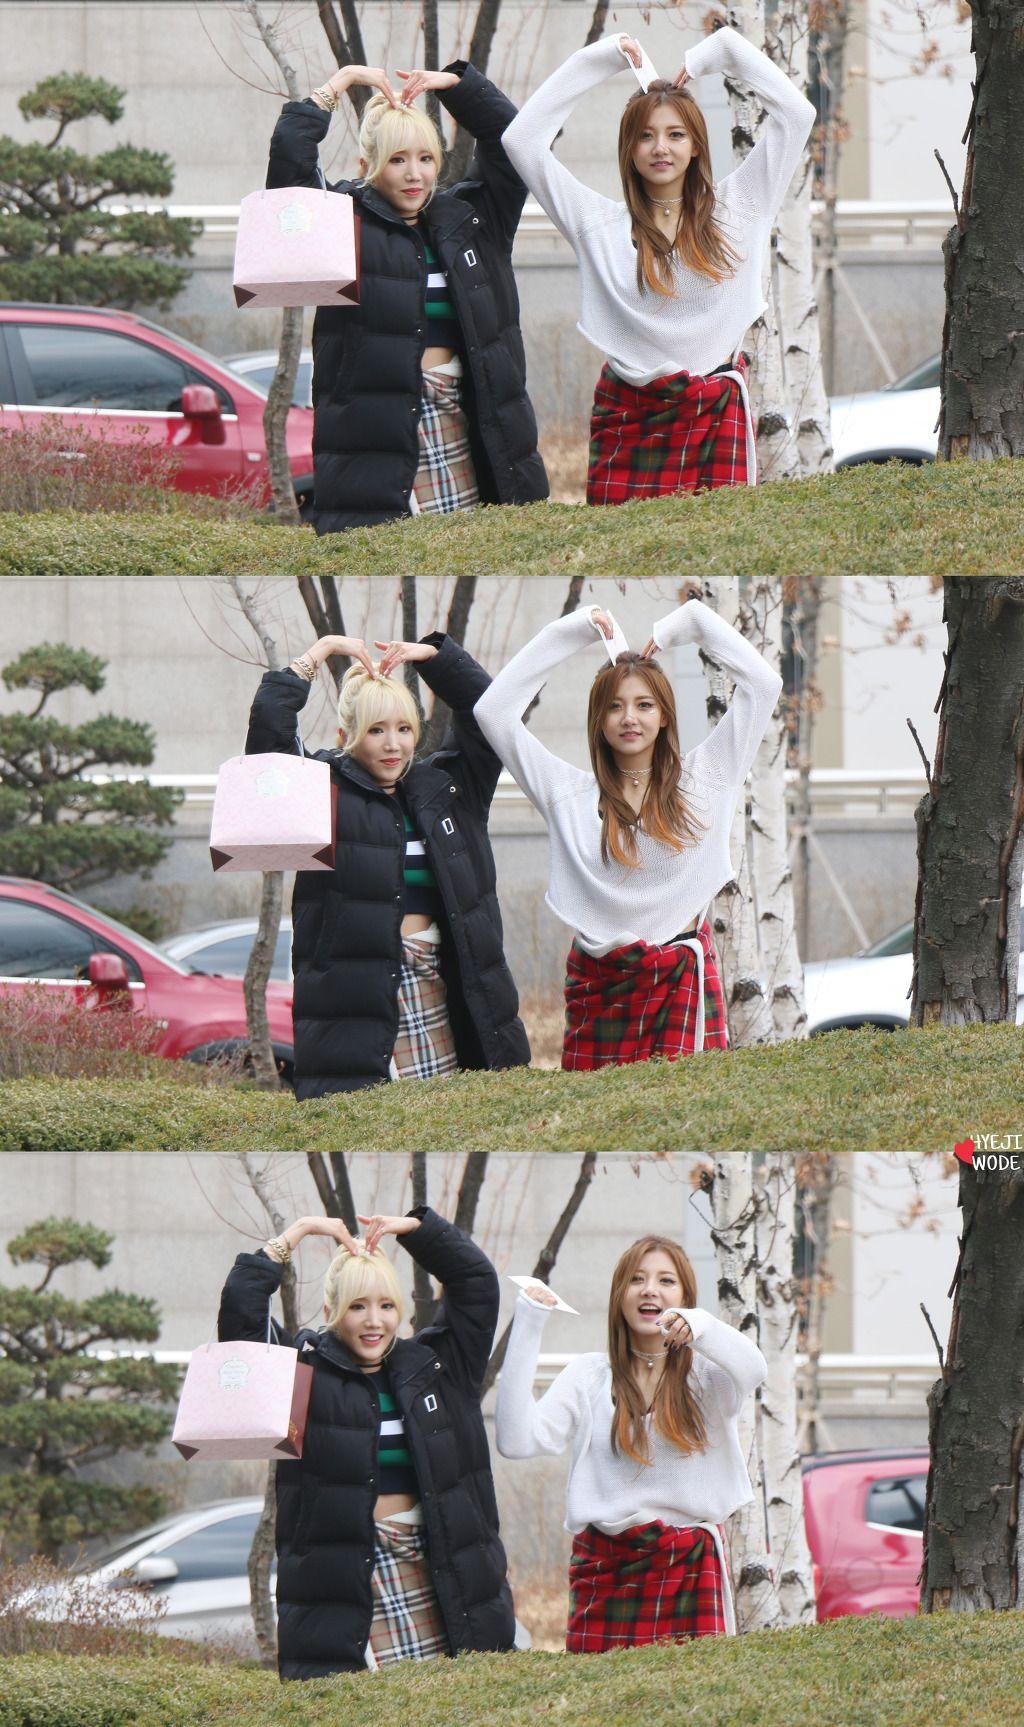 [16.03.12] 음악중심 팬미팅 - 포텐 4TEN Hyeji 혜지 & Yun 윤